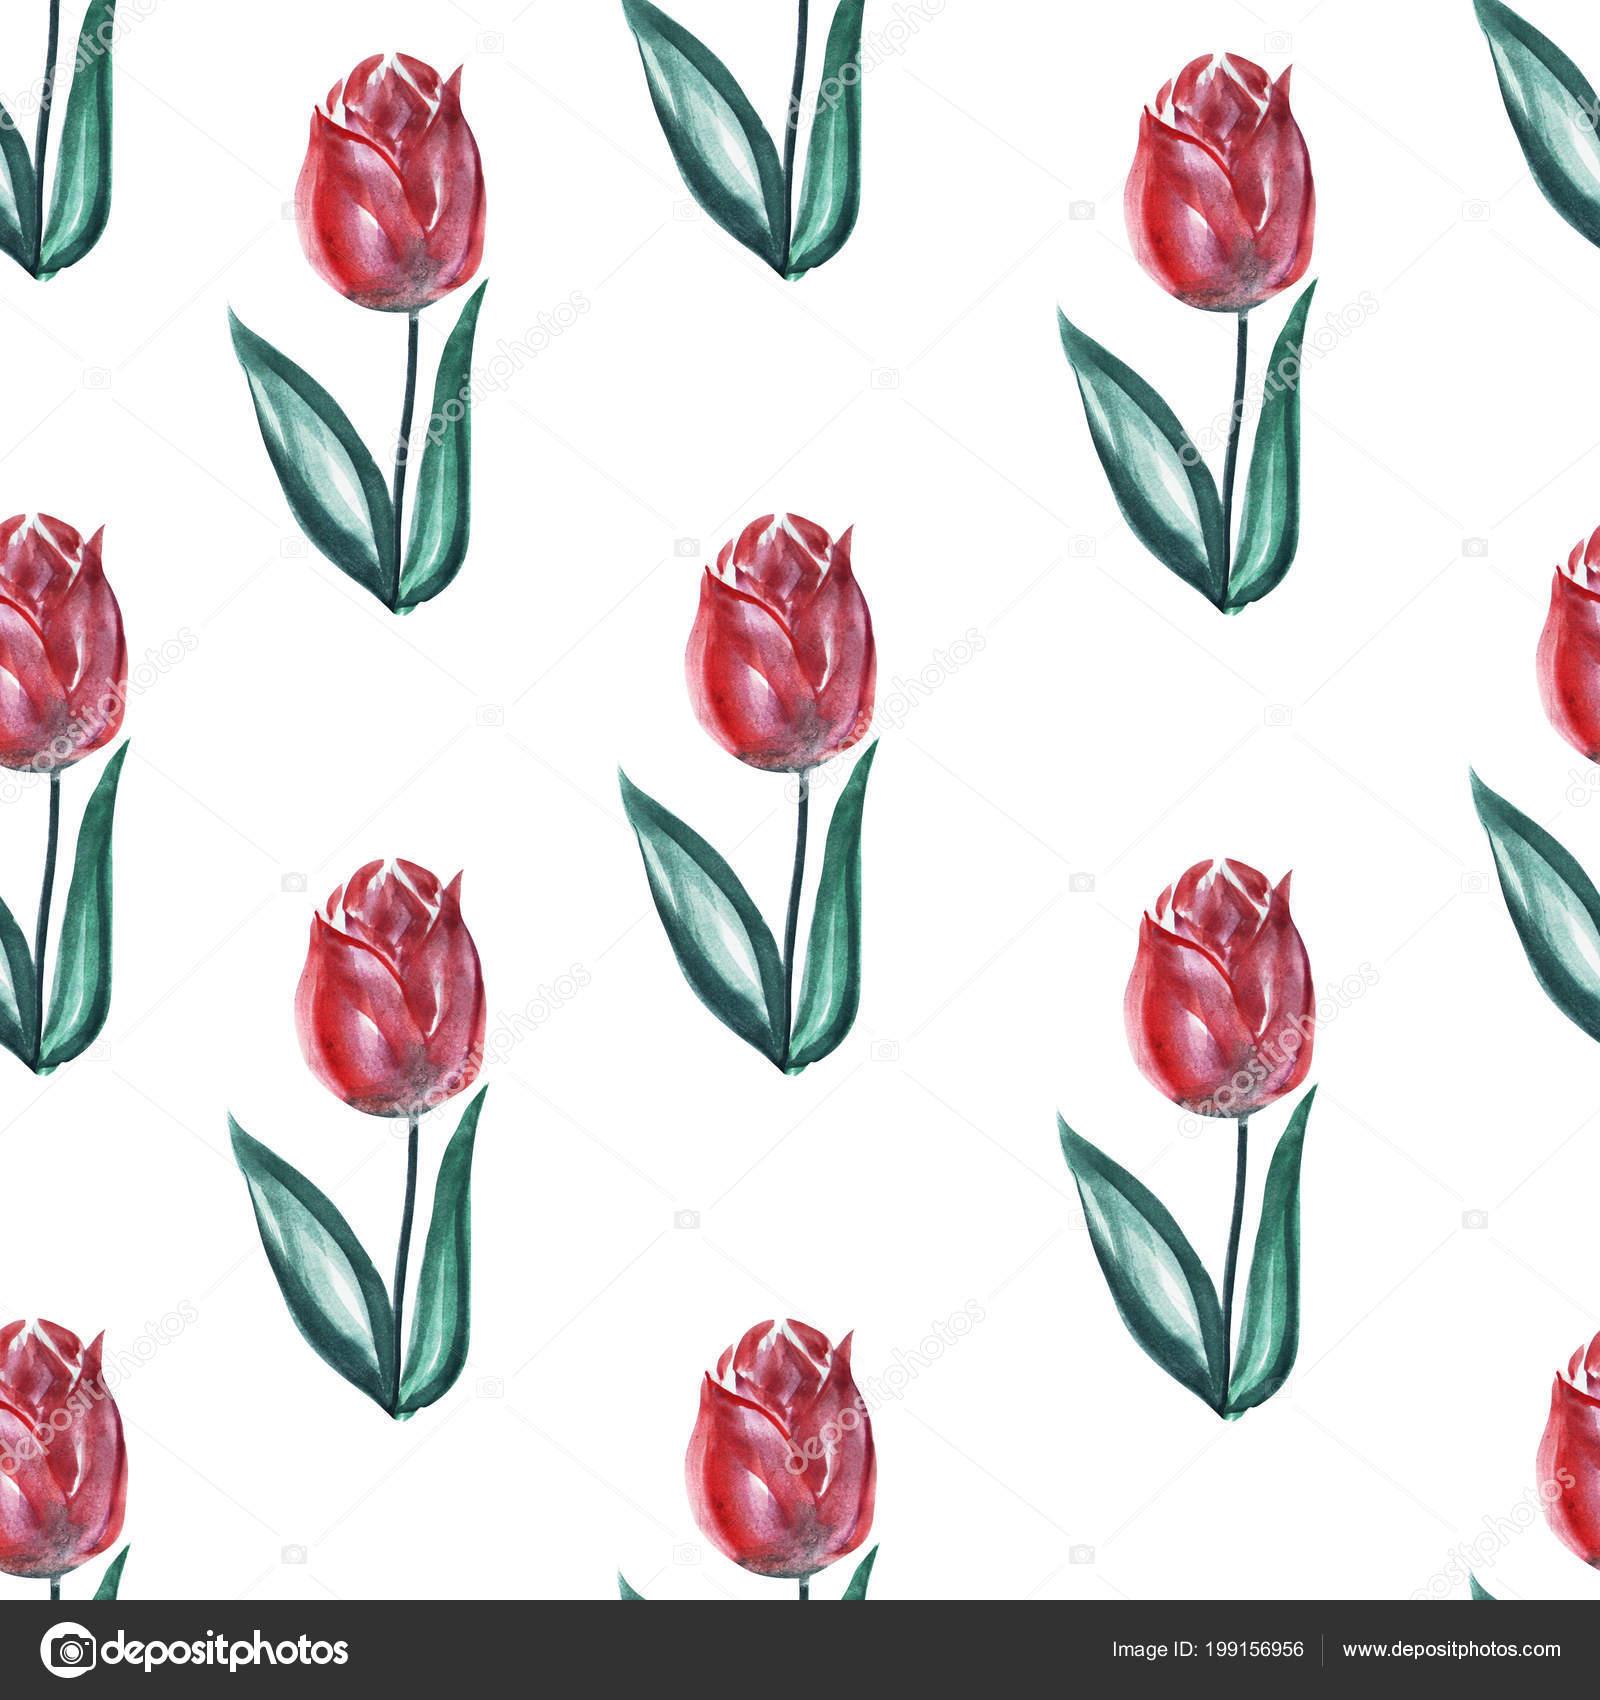 Sulu Boya Lale çiçek Tasarım öğeleri Ile Zarif Seamless Modeli